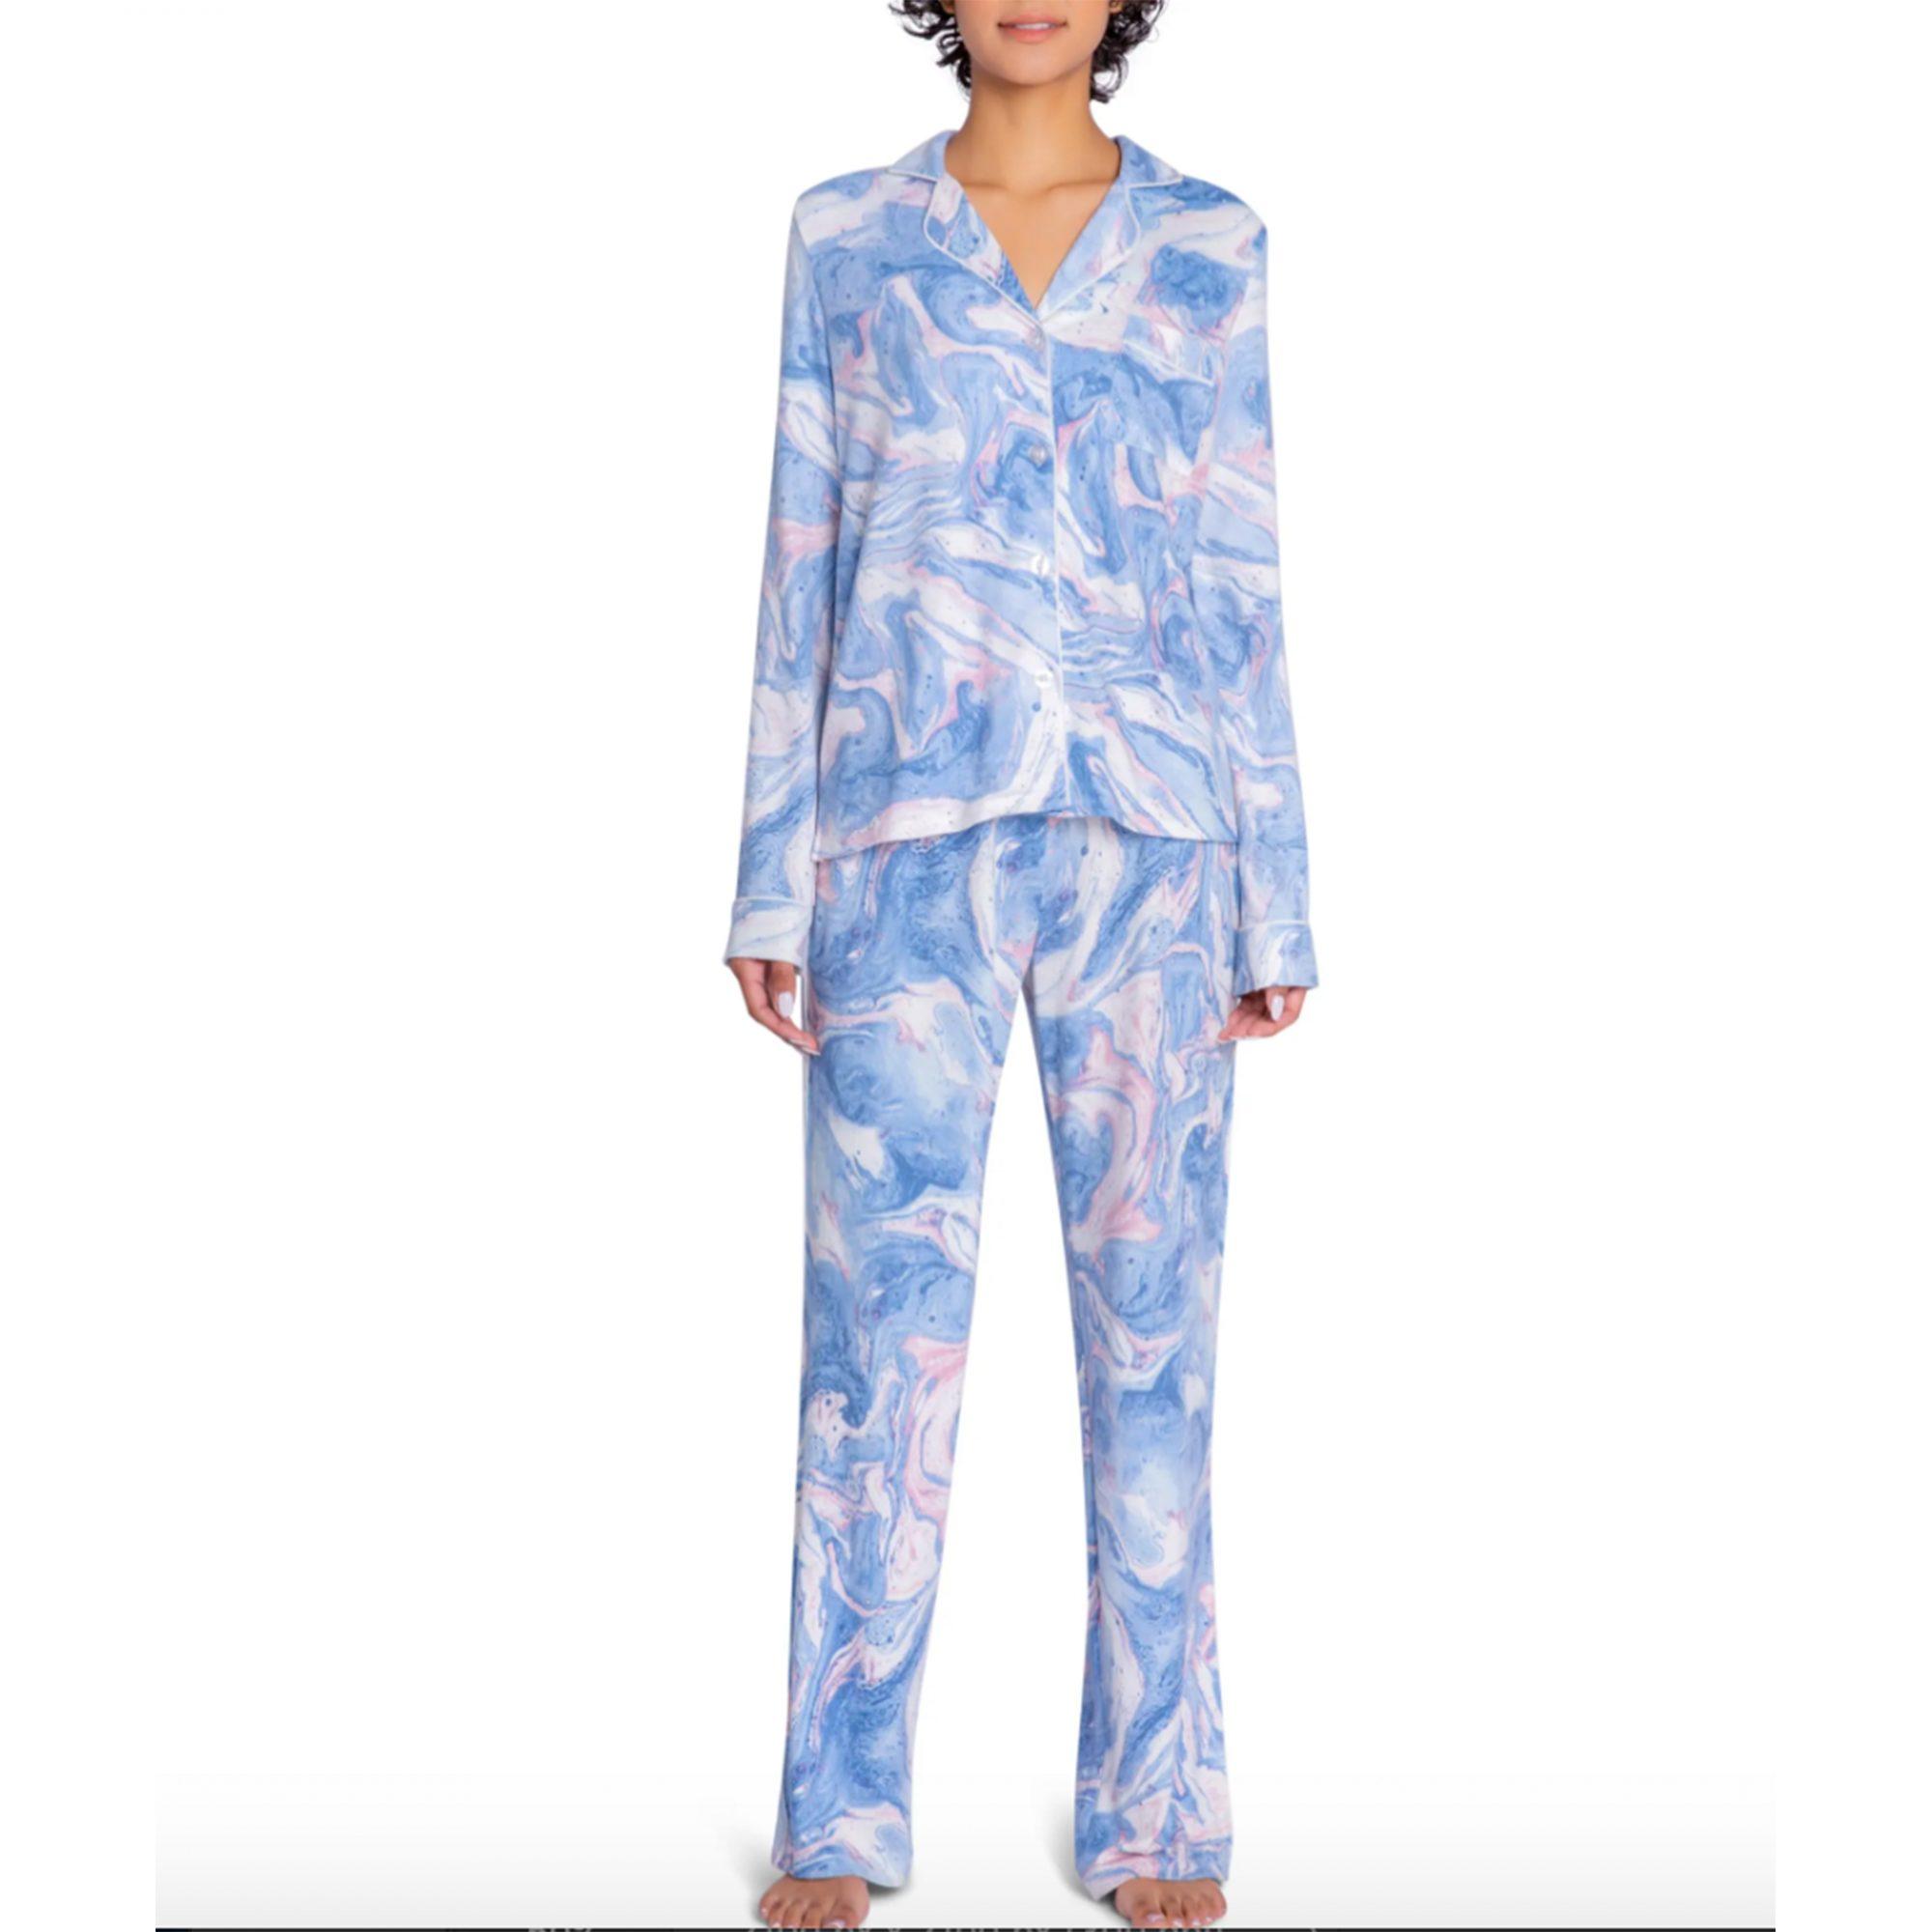 pj-salvage-pajamas-set